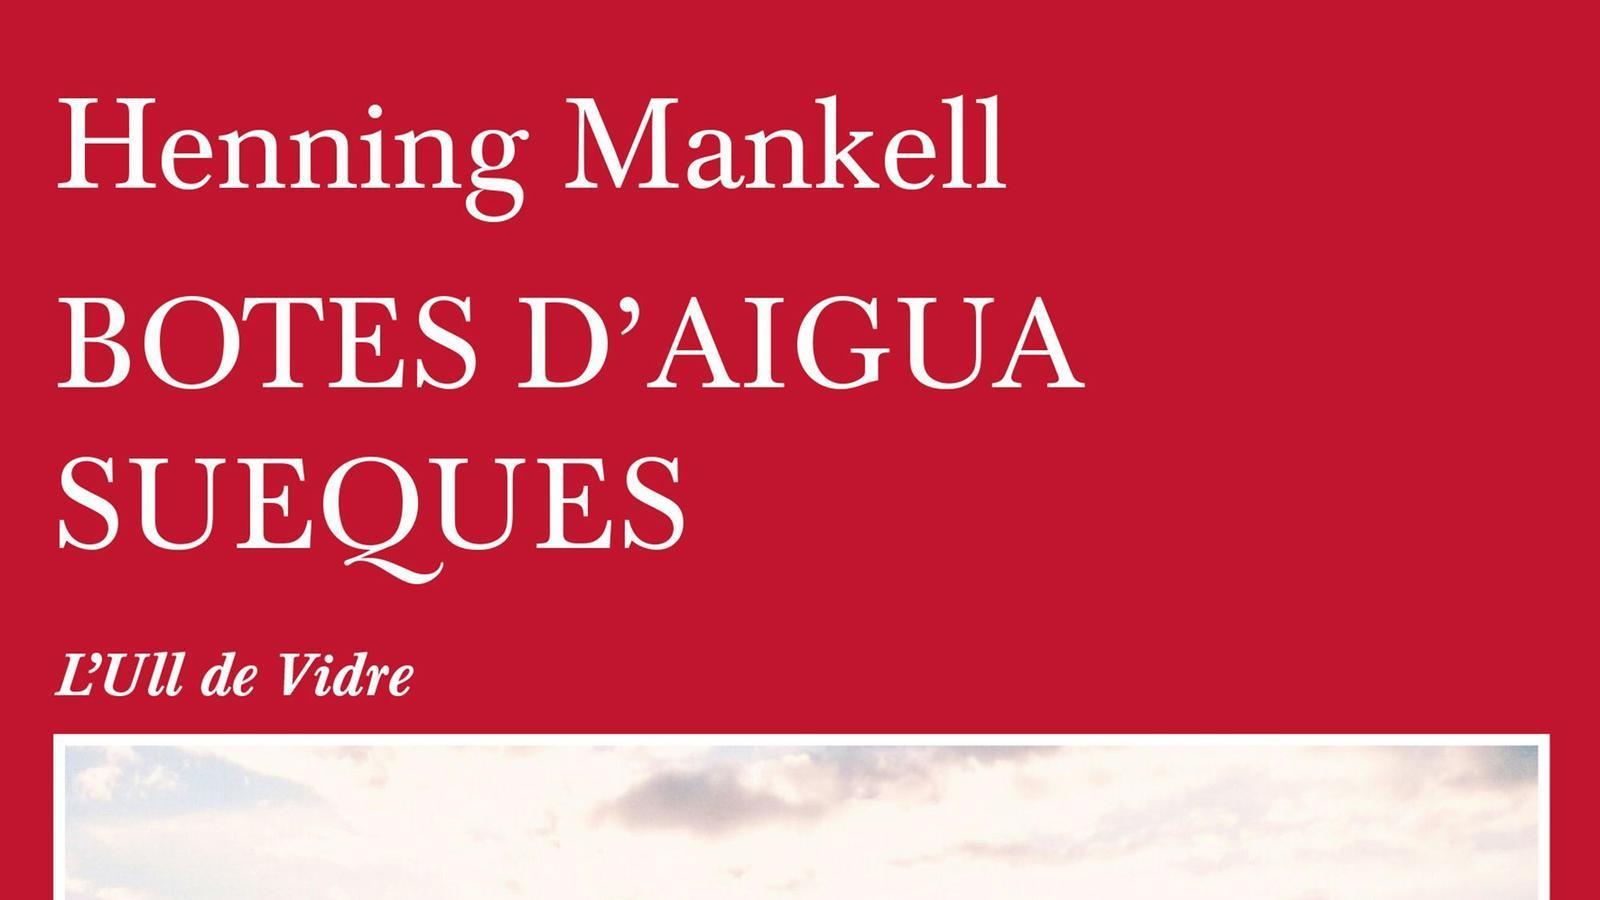 https://www.planetadelibros.com/libro-botes-daigua-sueques/217005